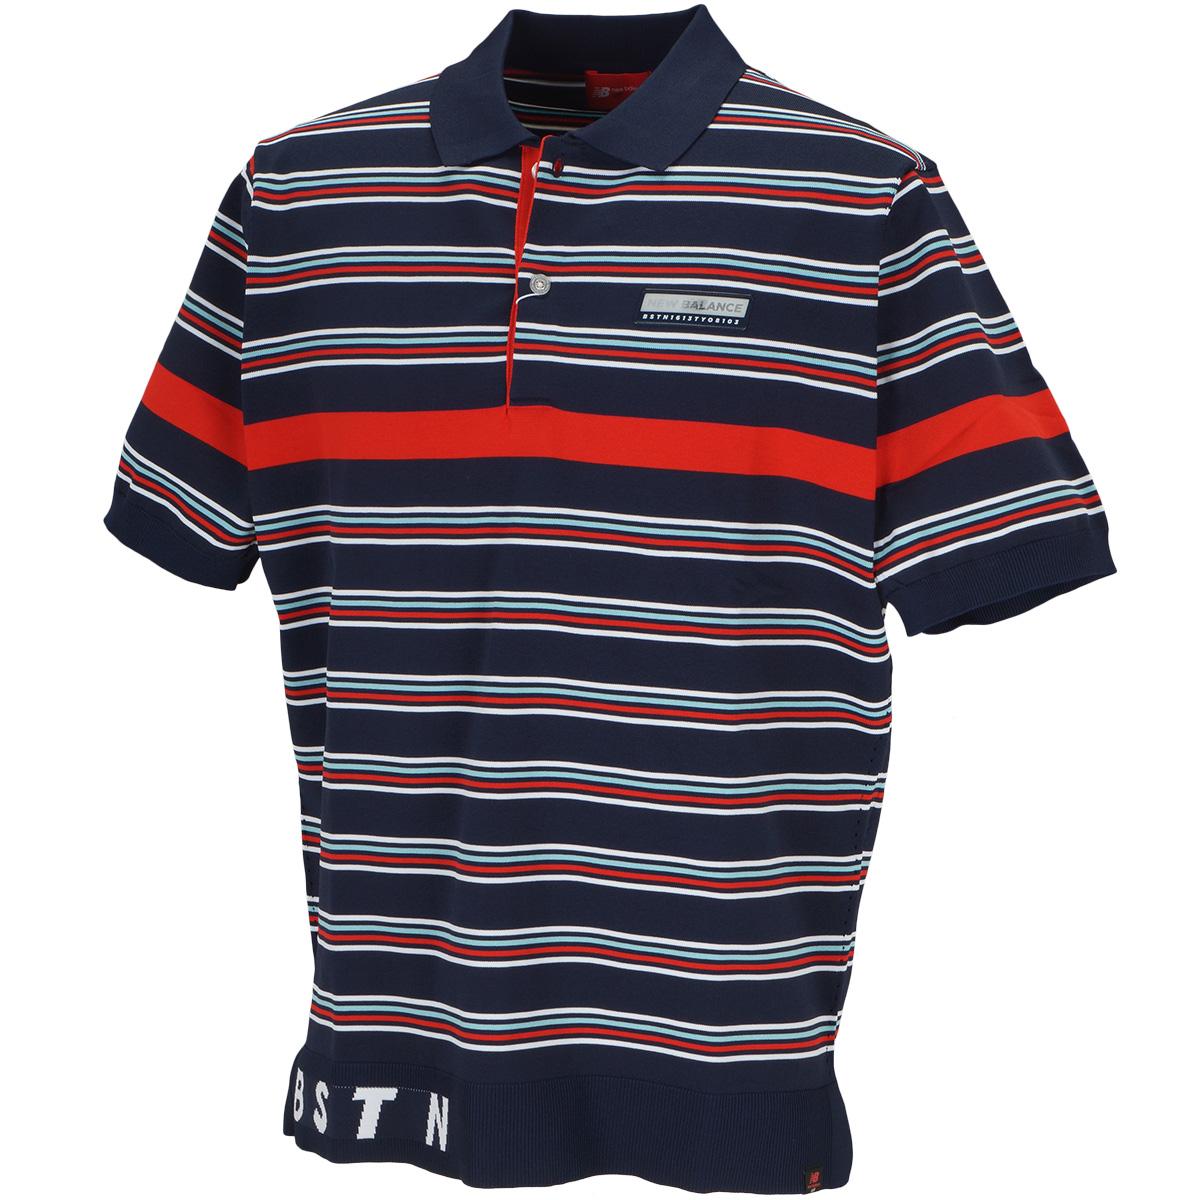 METRO 半袖ニットポロシャツ